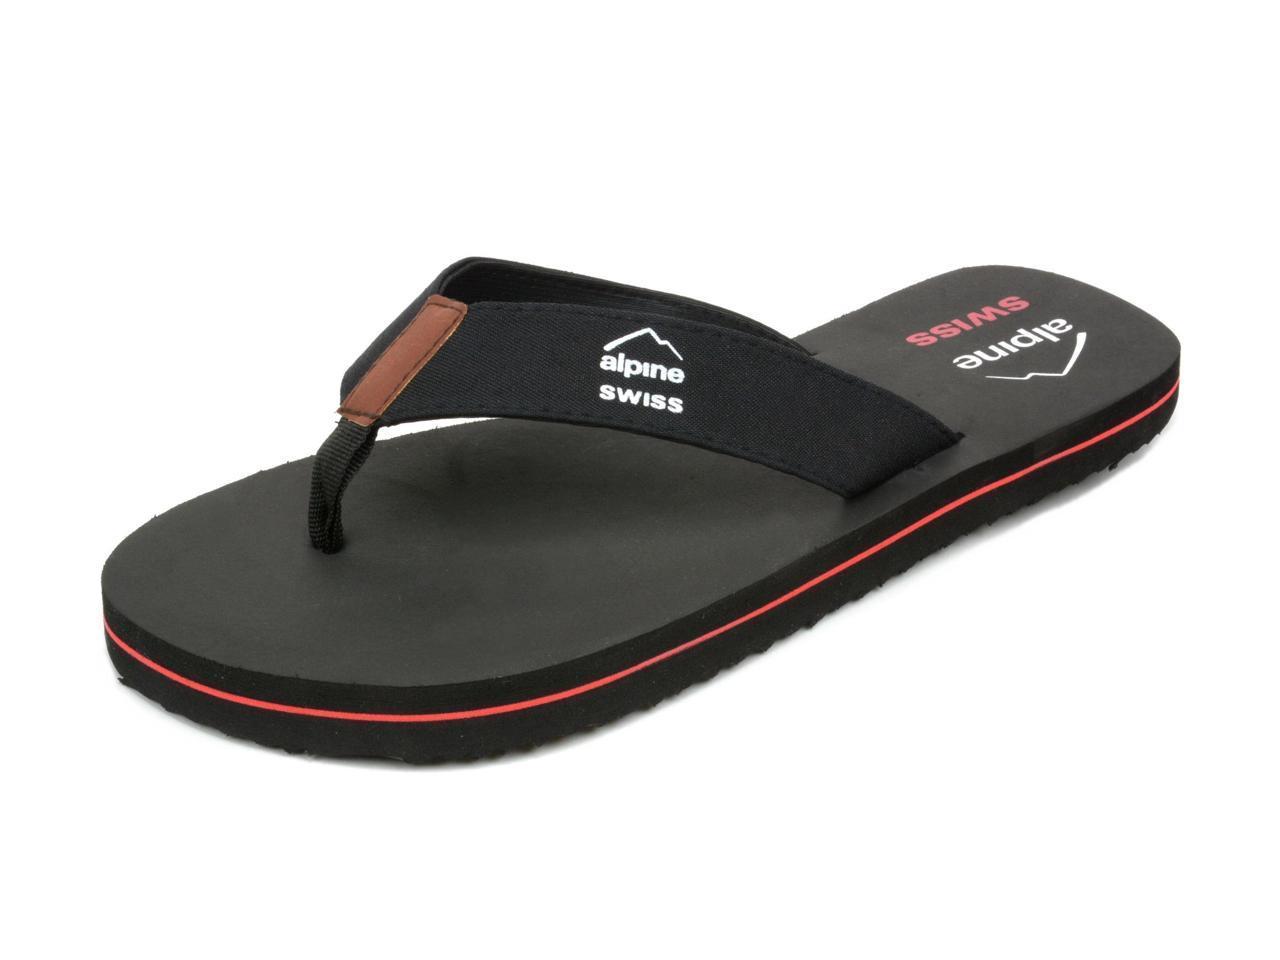 Swiss Men's Flip Flops Beac...